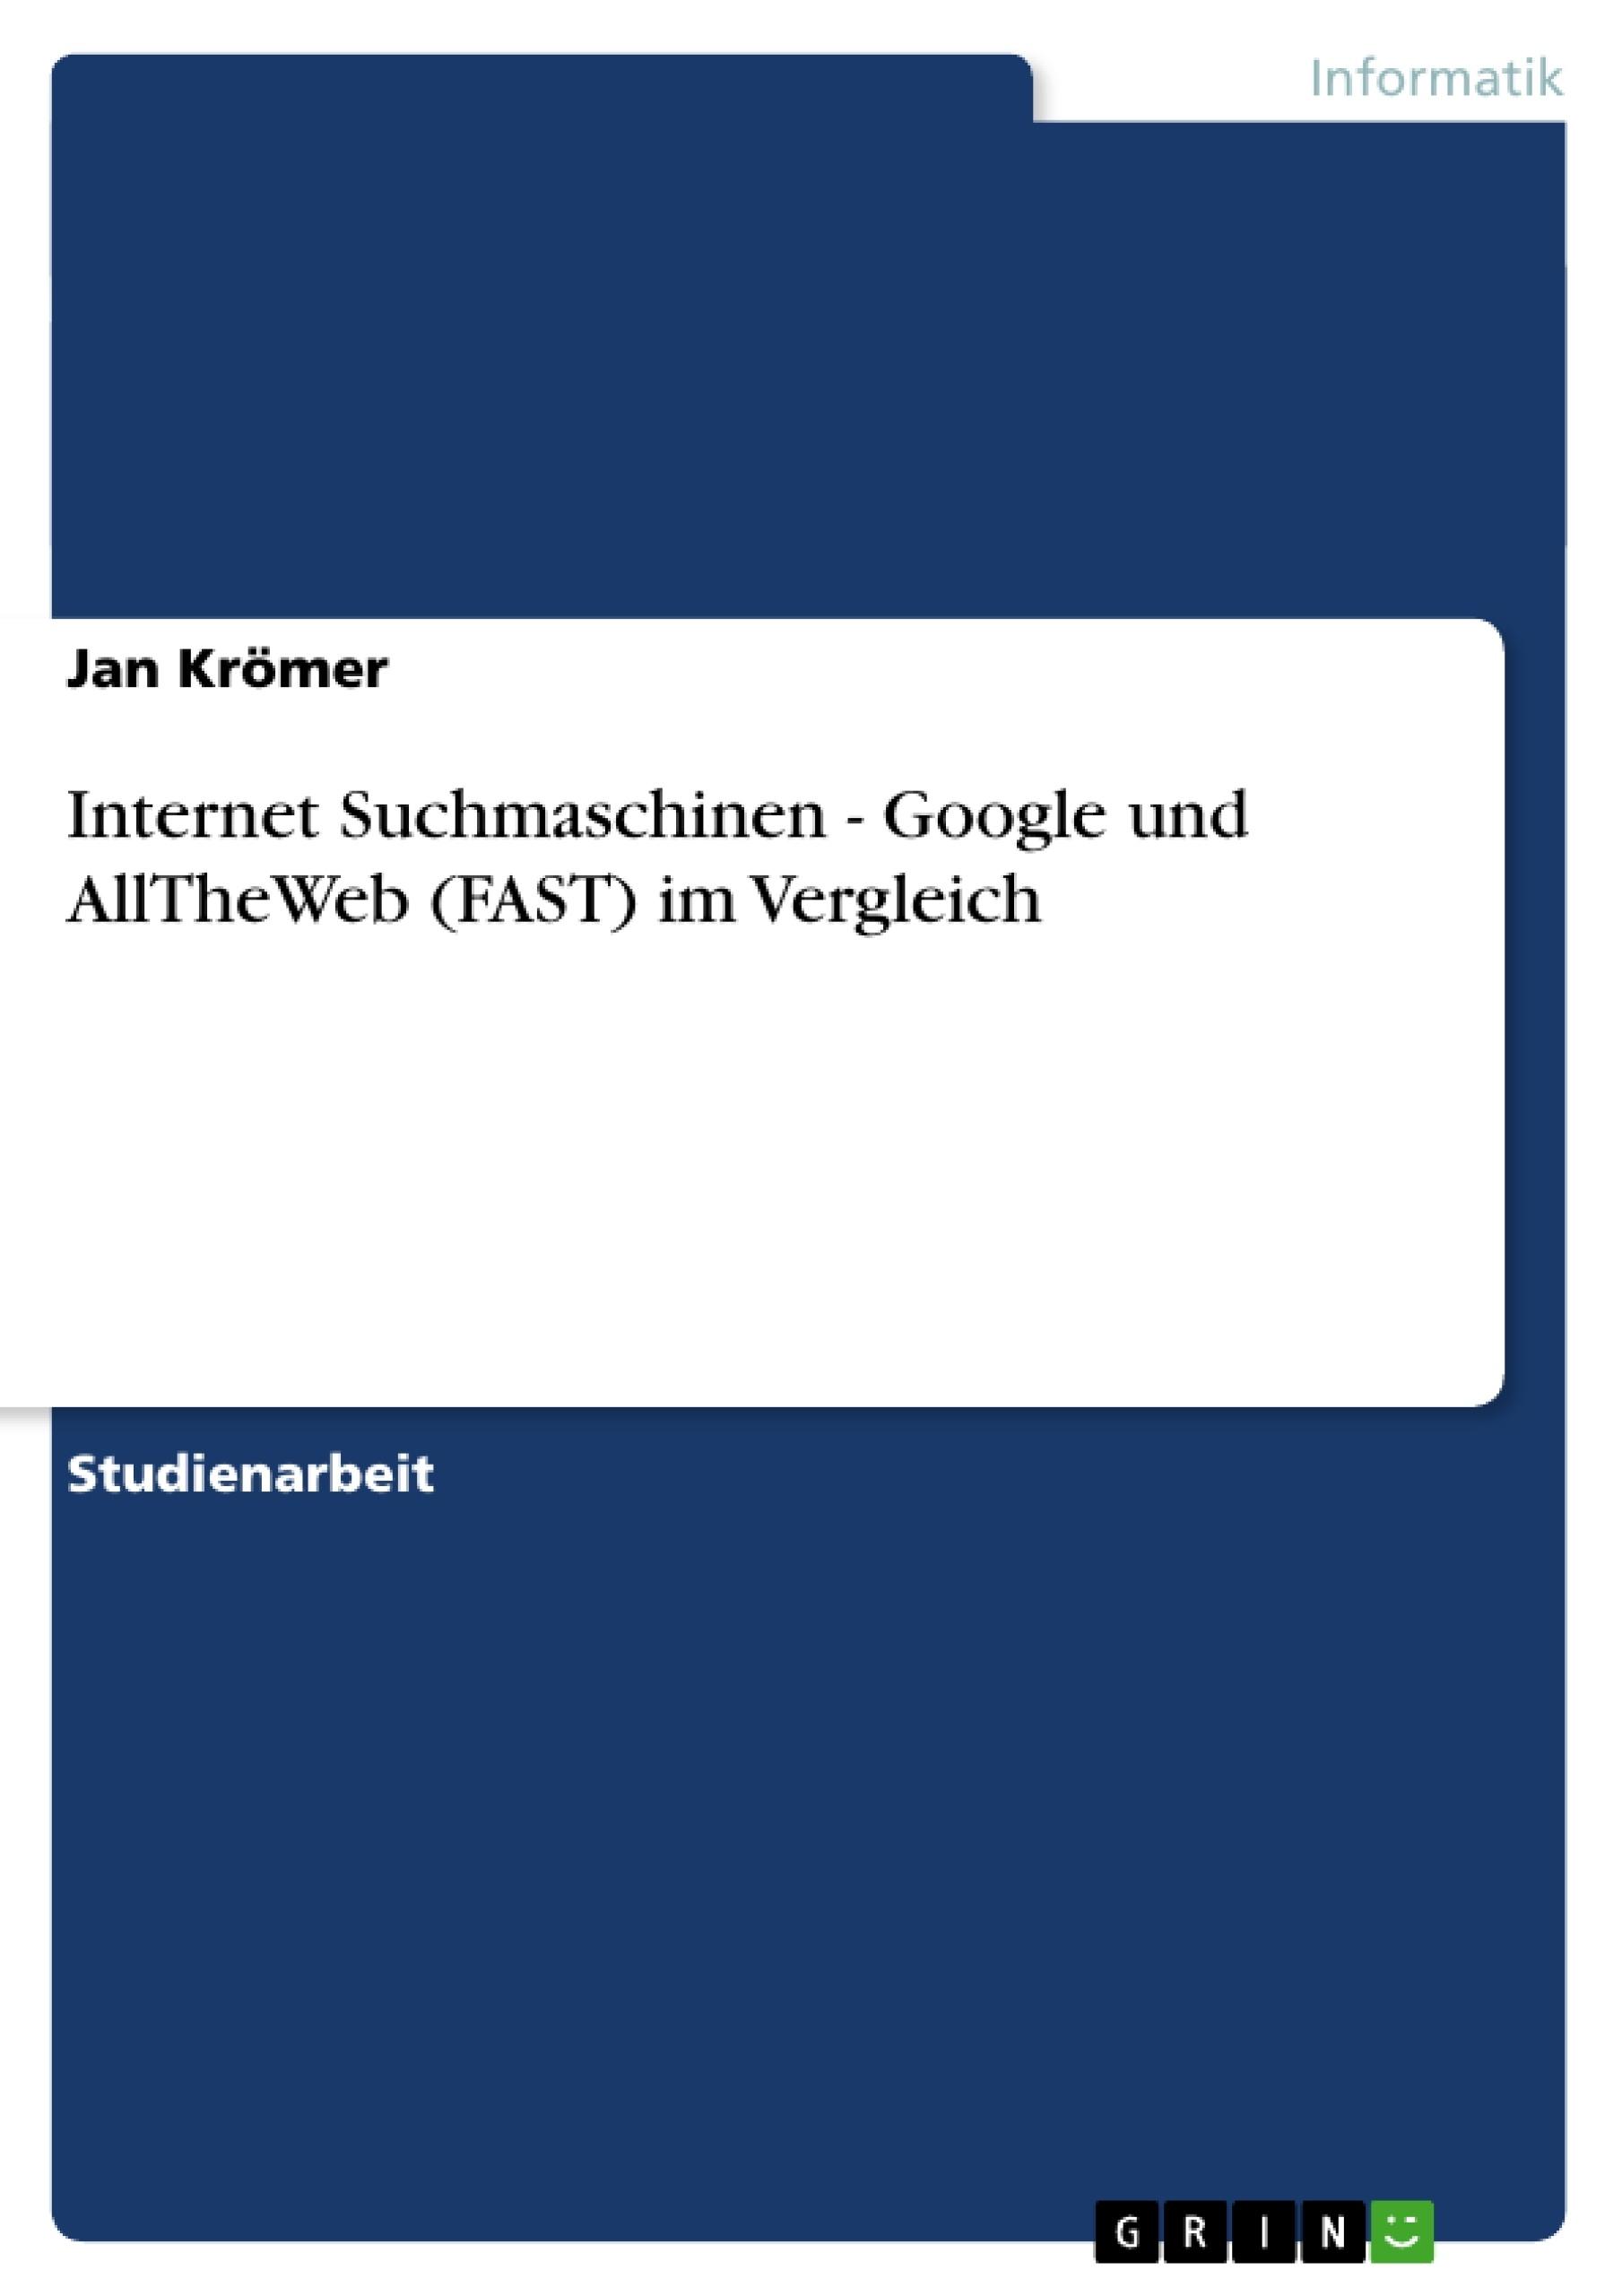 Titel: Internet Suchmaschinen - Google und AllTheWeb (FAST) im Vergleich